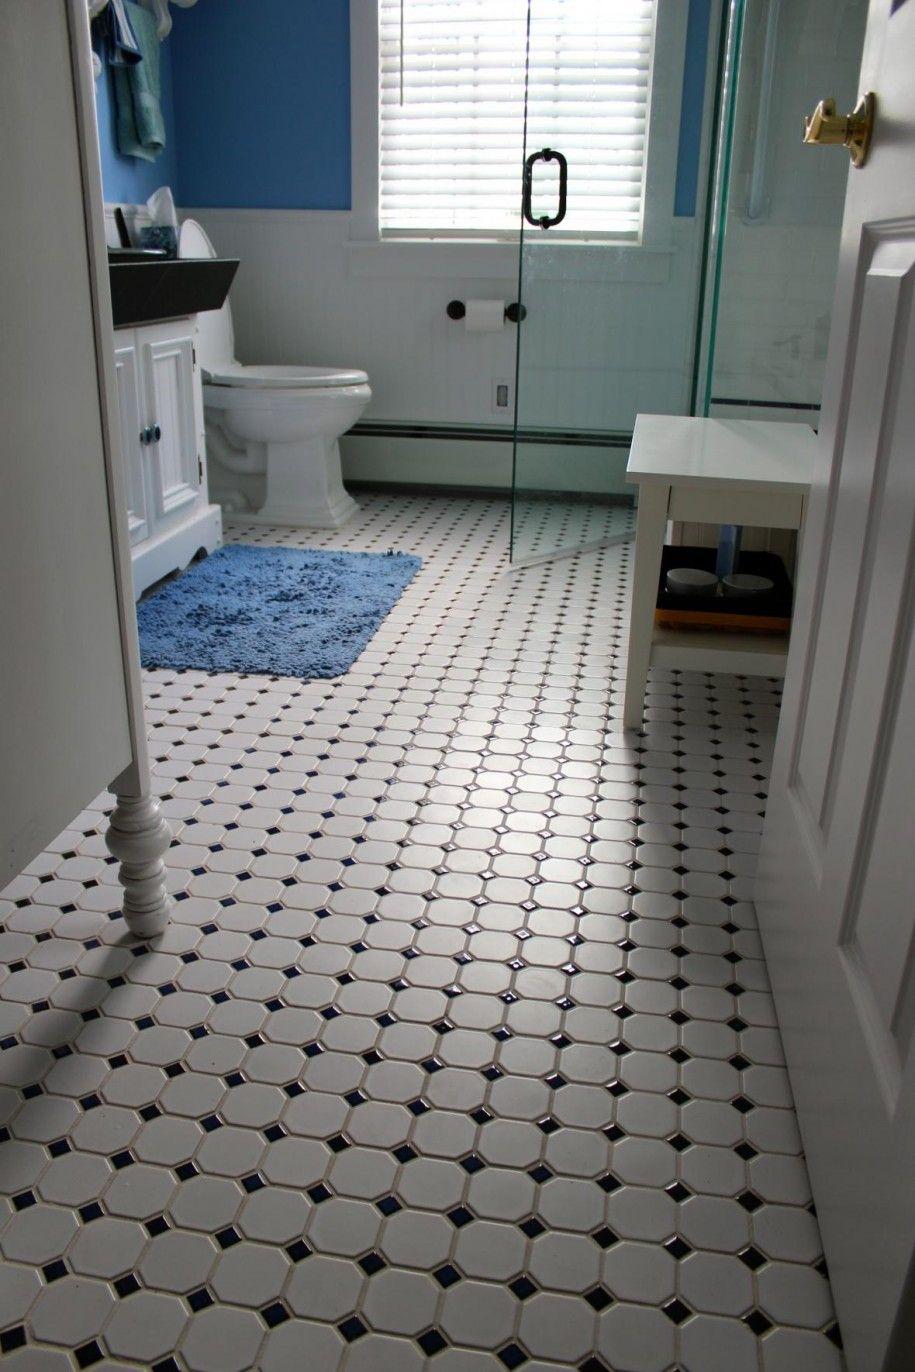 Vintage Bathroom Floor Tiles Vintage Bathroom Tile Vintage Bathroom Floor White Bathroom Tiles